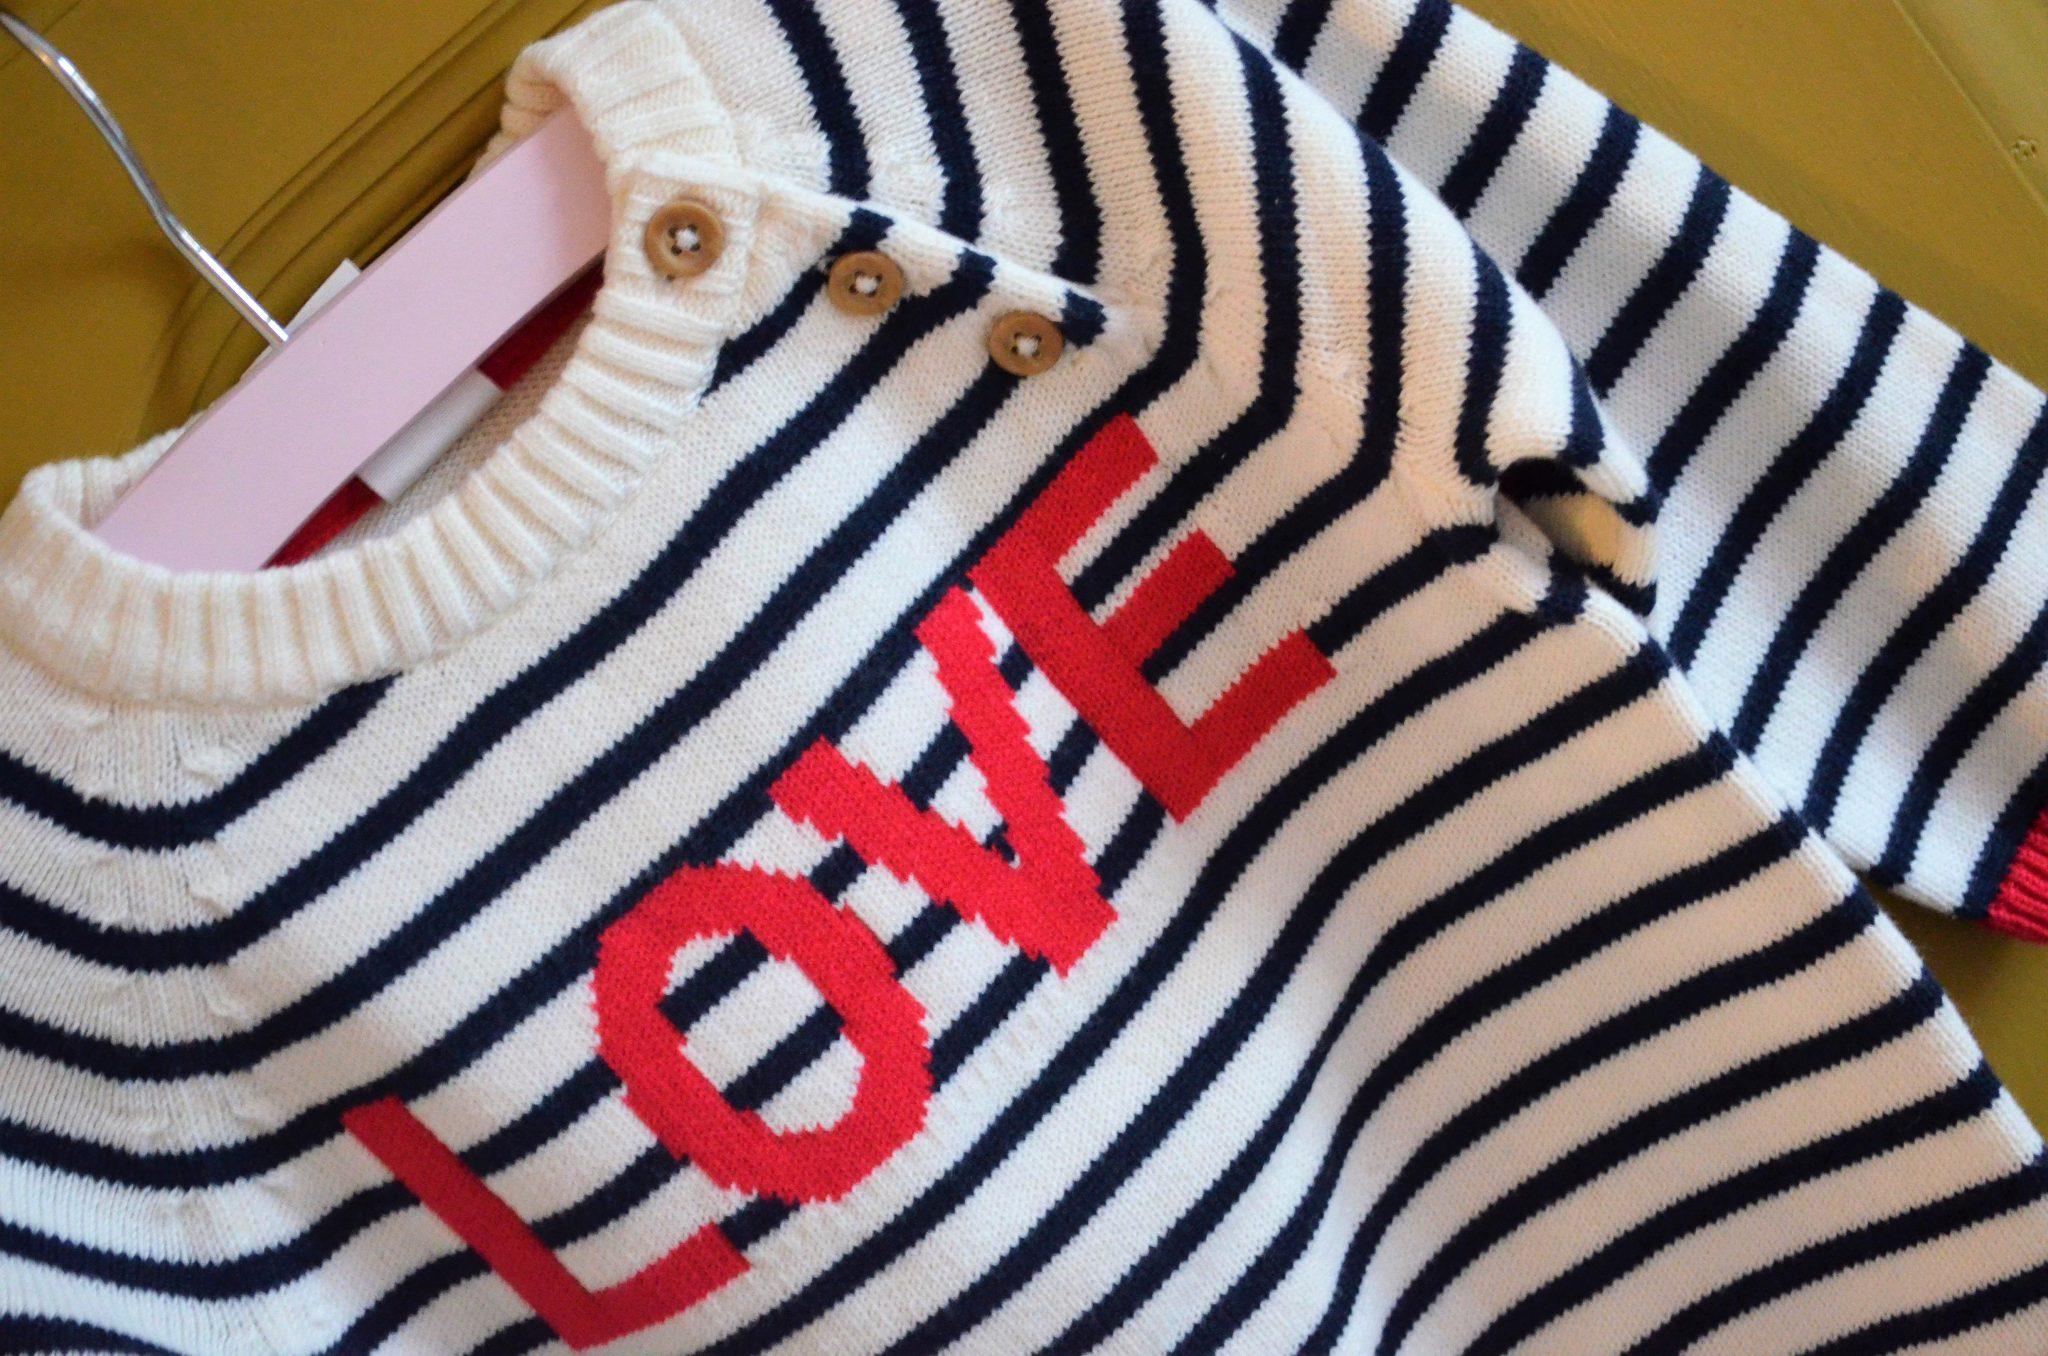 DSC 0329 4928x3264 - Herfstkleding voor Hazel van de H&M en Next Direct